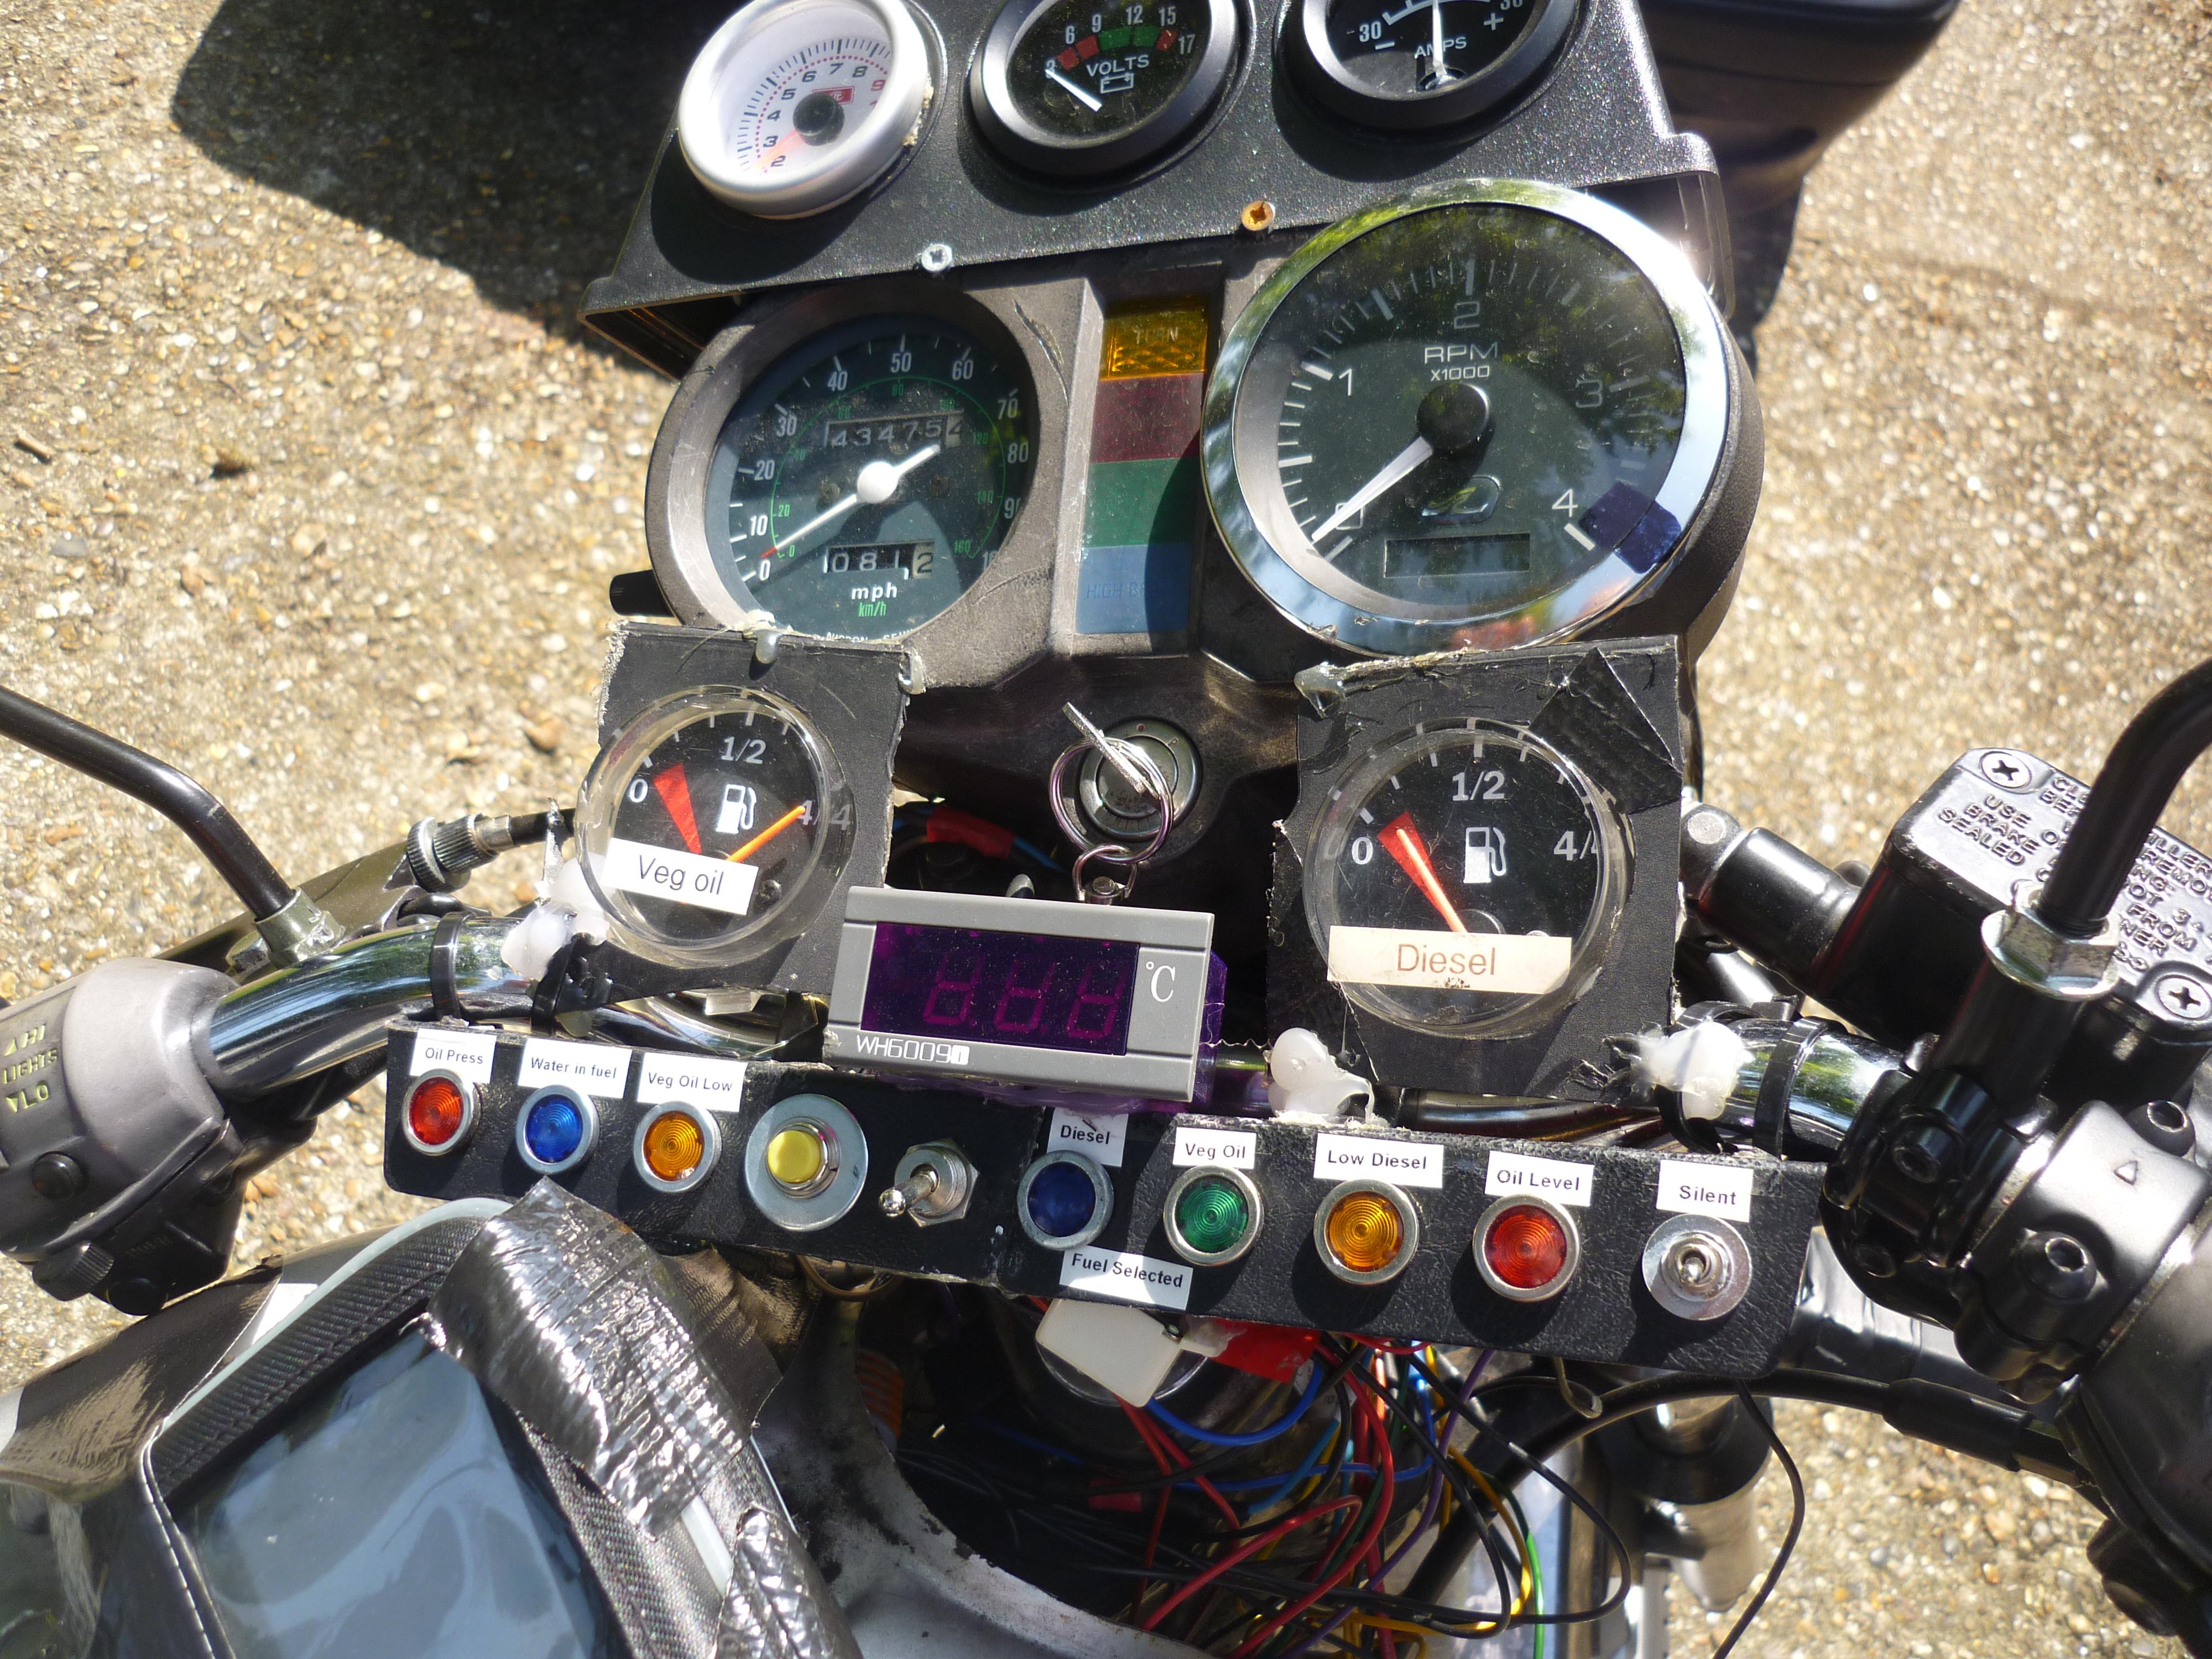 XJ 600 Diesel bike build update | FotiFixes.com – A